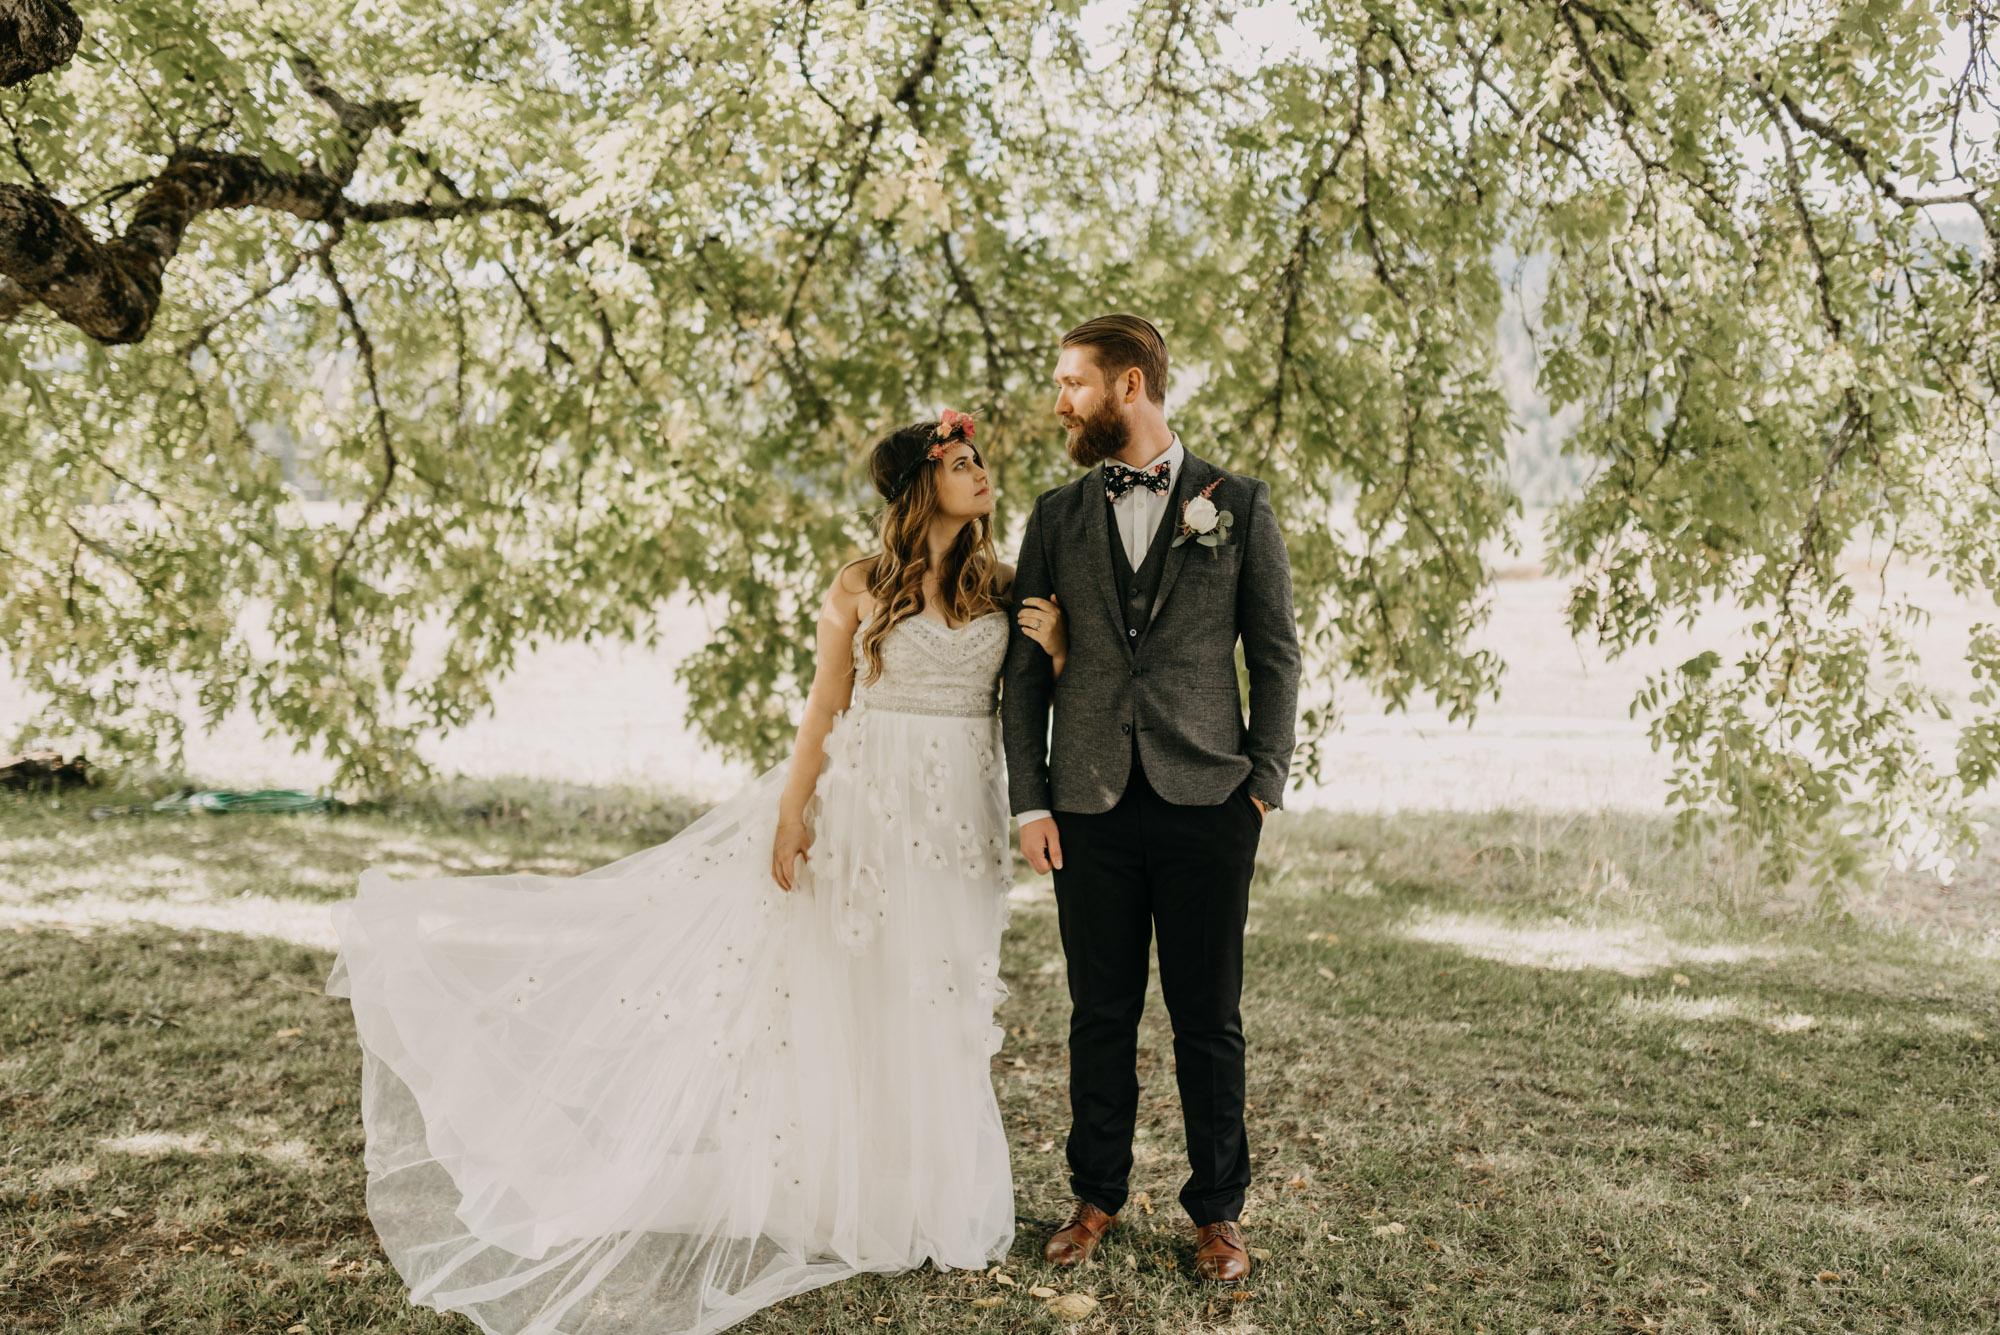 Outdoor-First-Look-Washington-Wedding-Barn-Door-8303.jpg